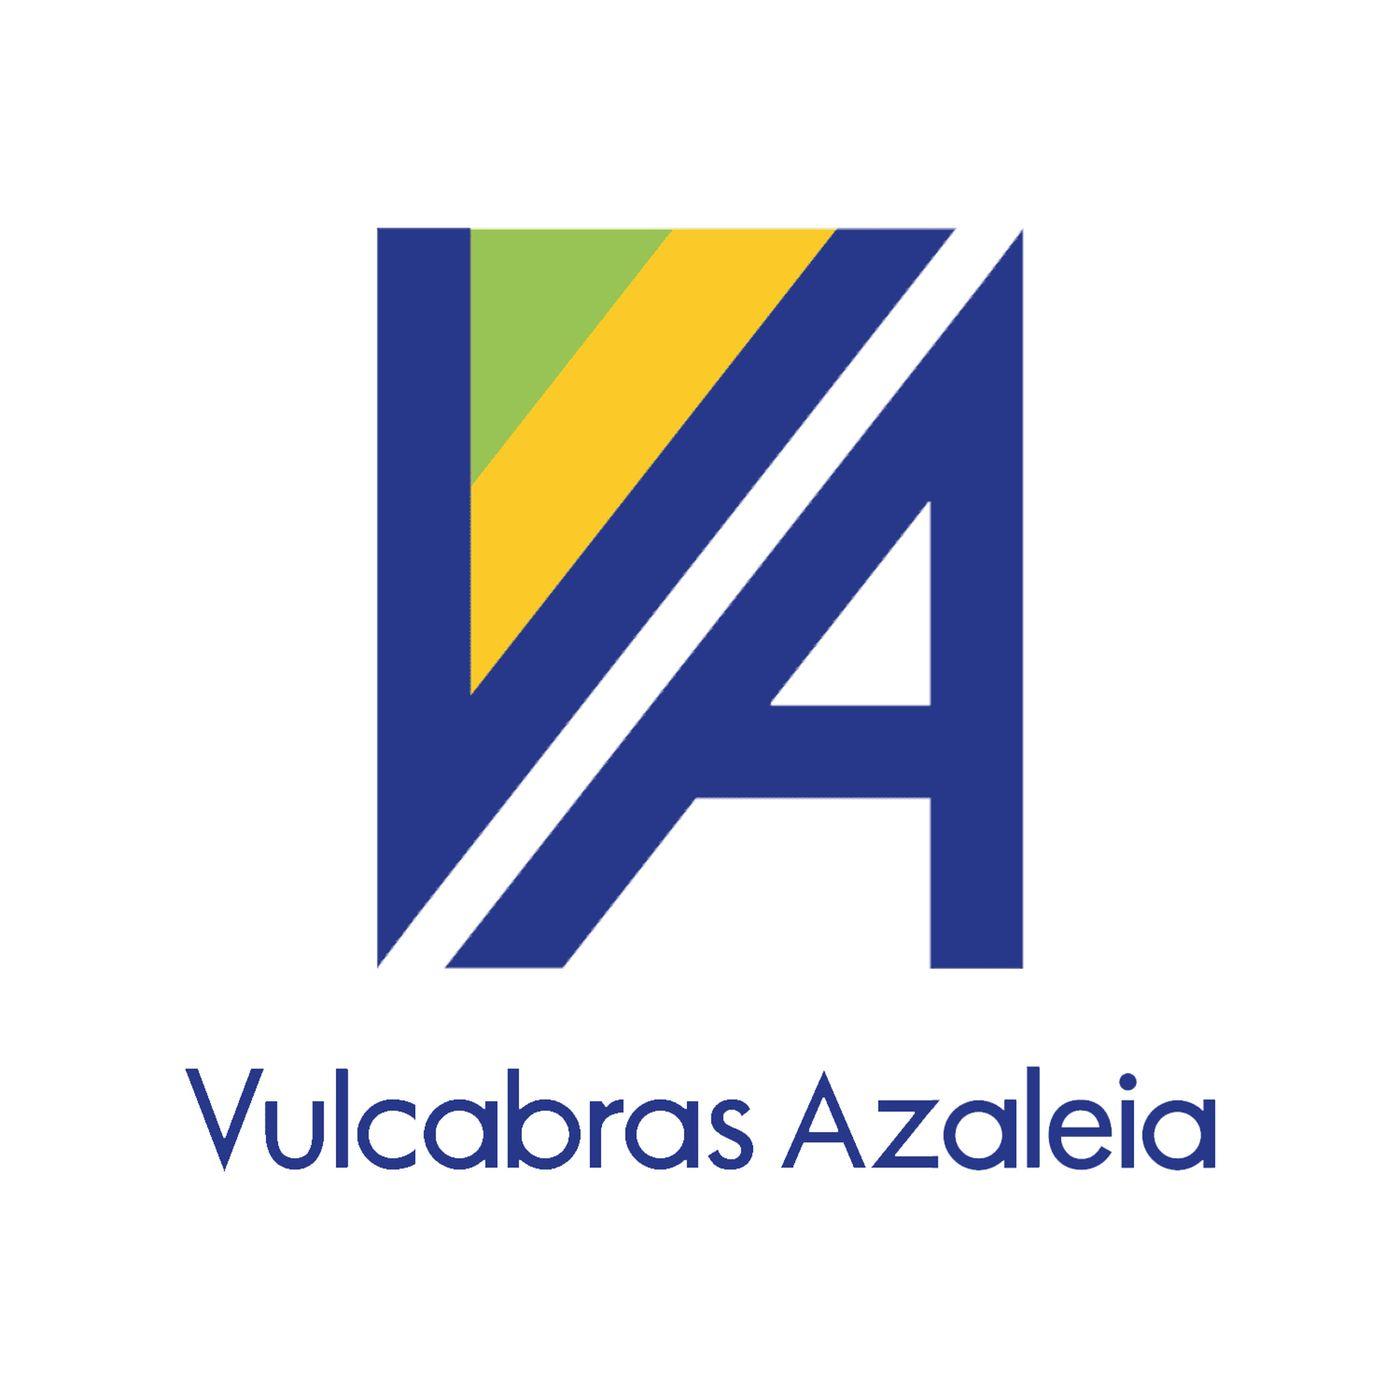 Teleconferência de Resultados da Vulcabras (VULC3) do 1T20